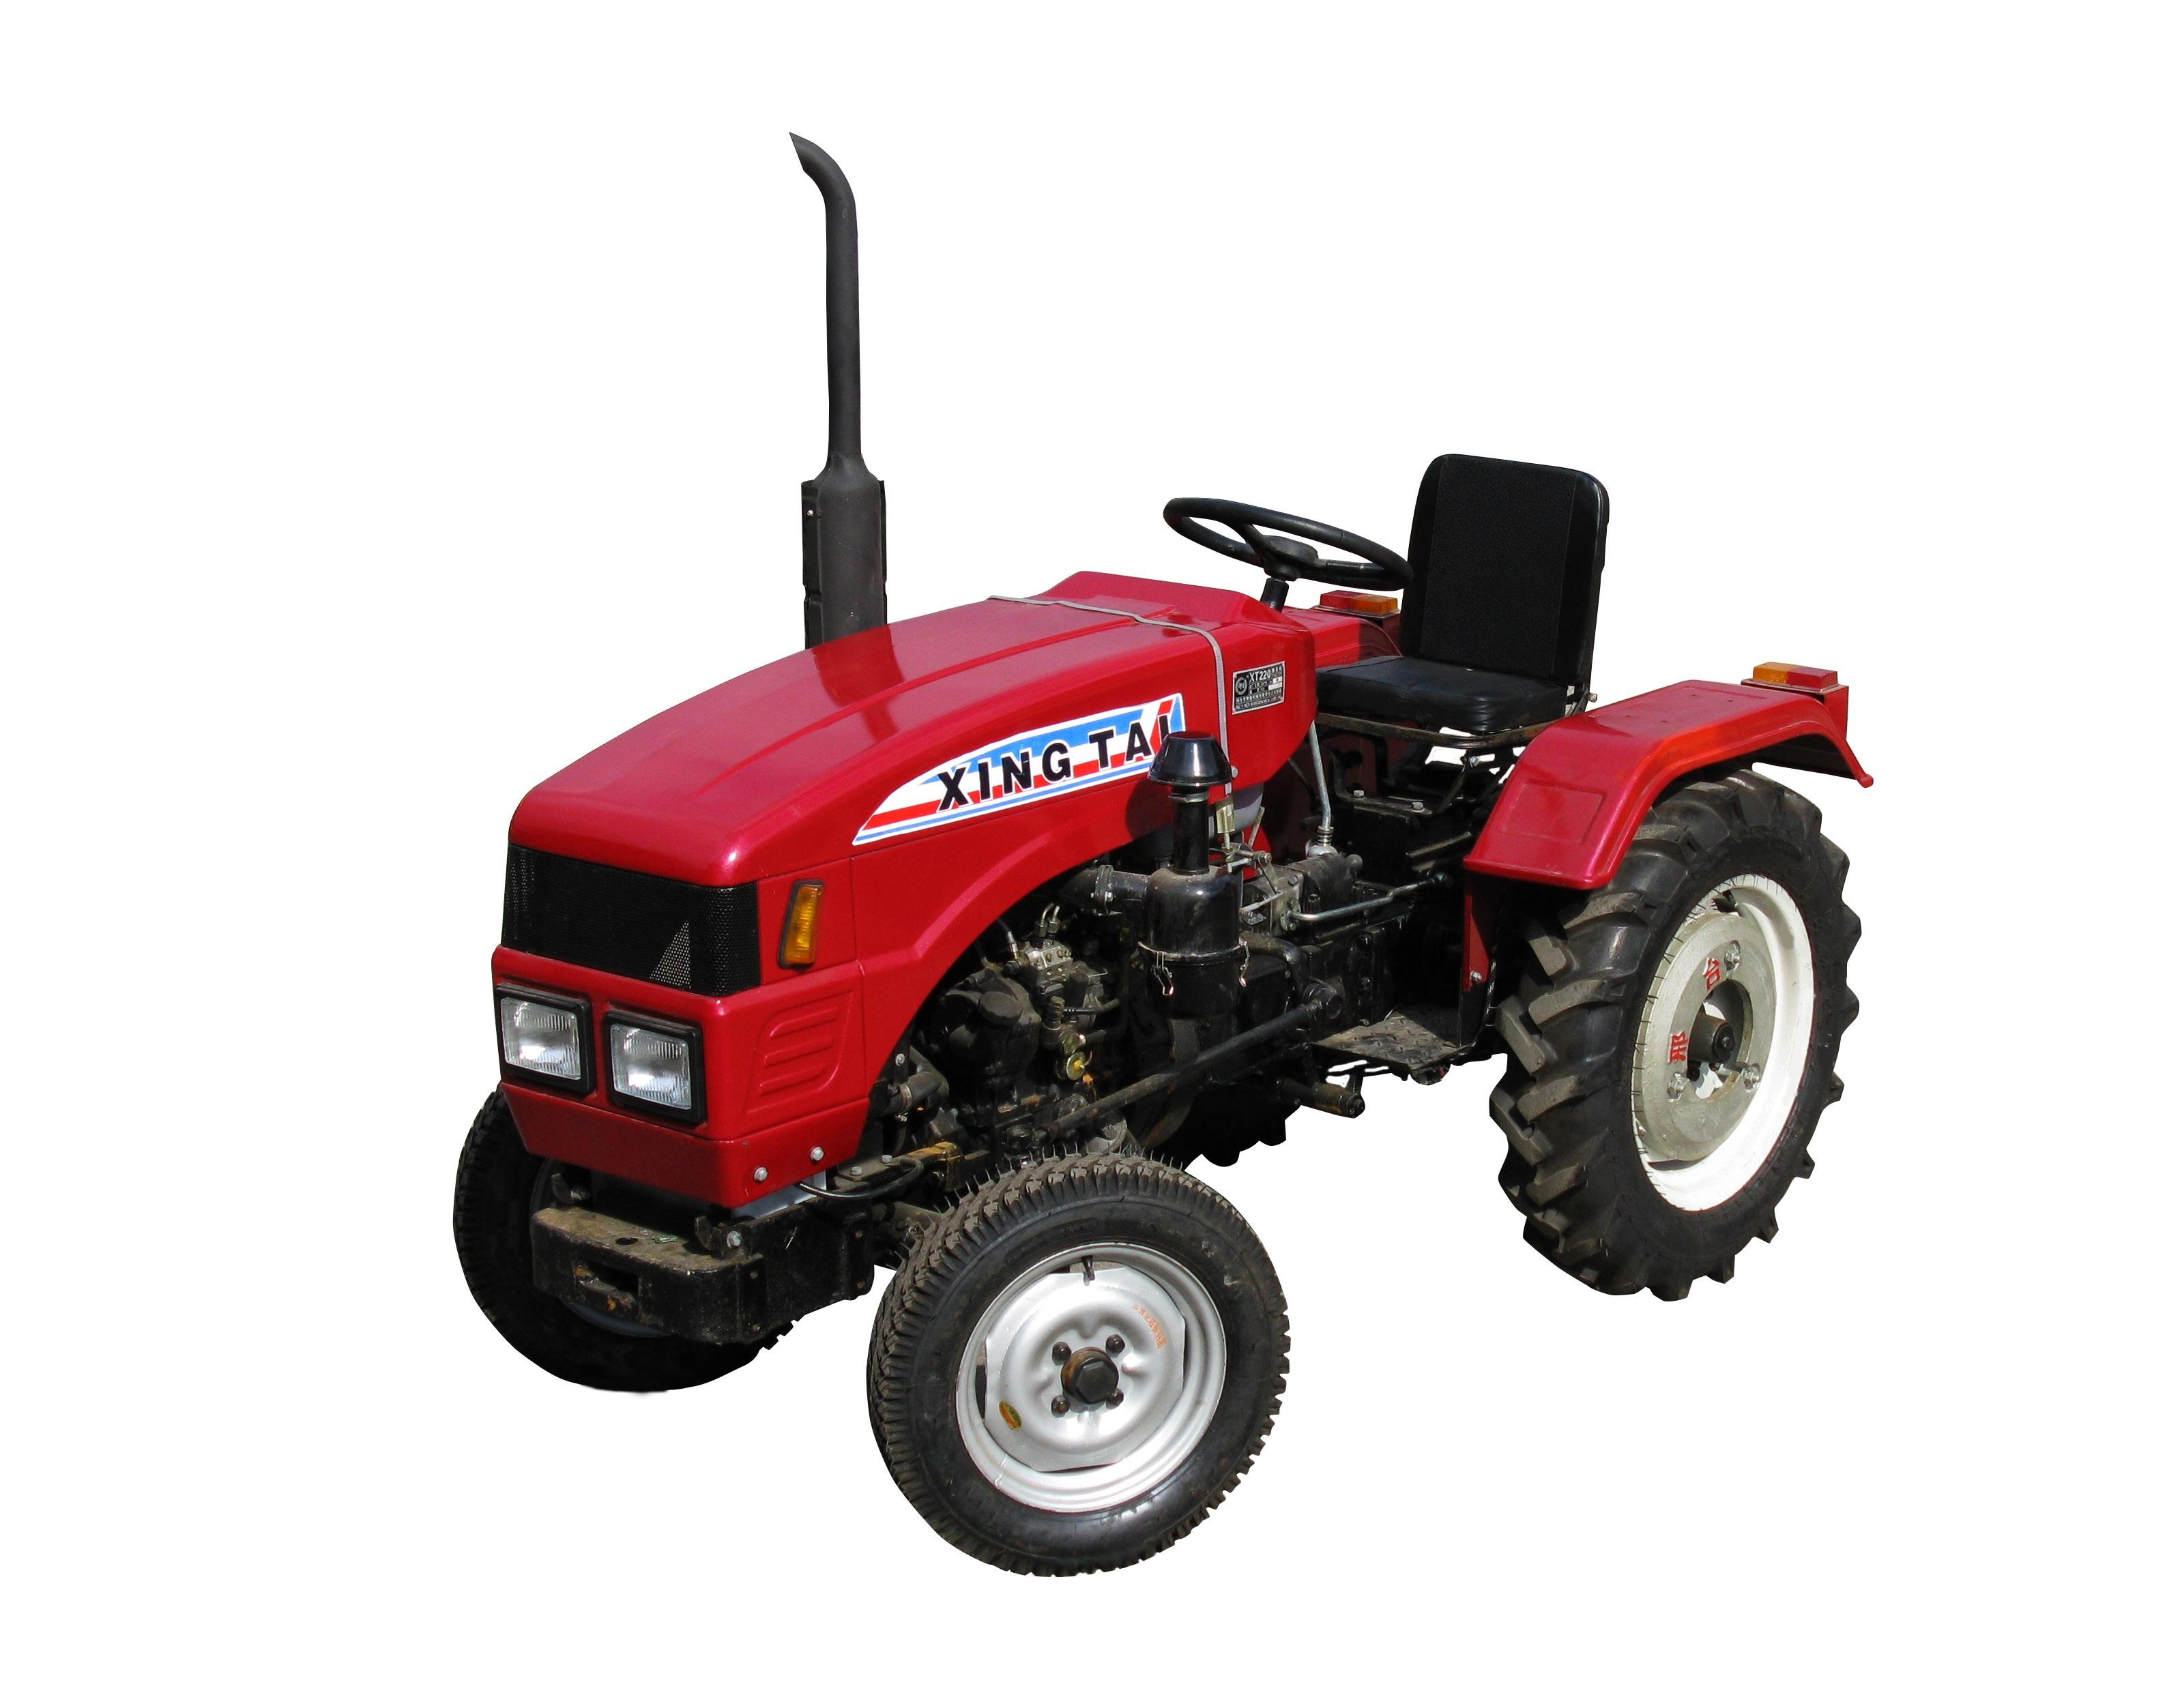 Мини-трактор Синтай-XT220 р/к